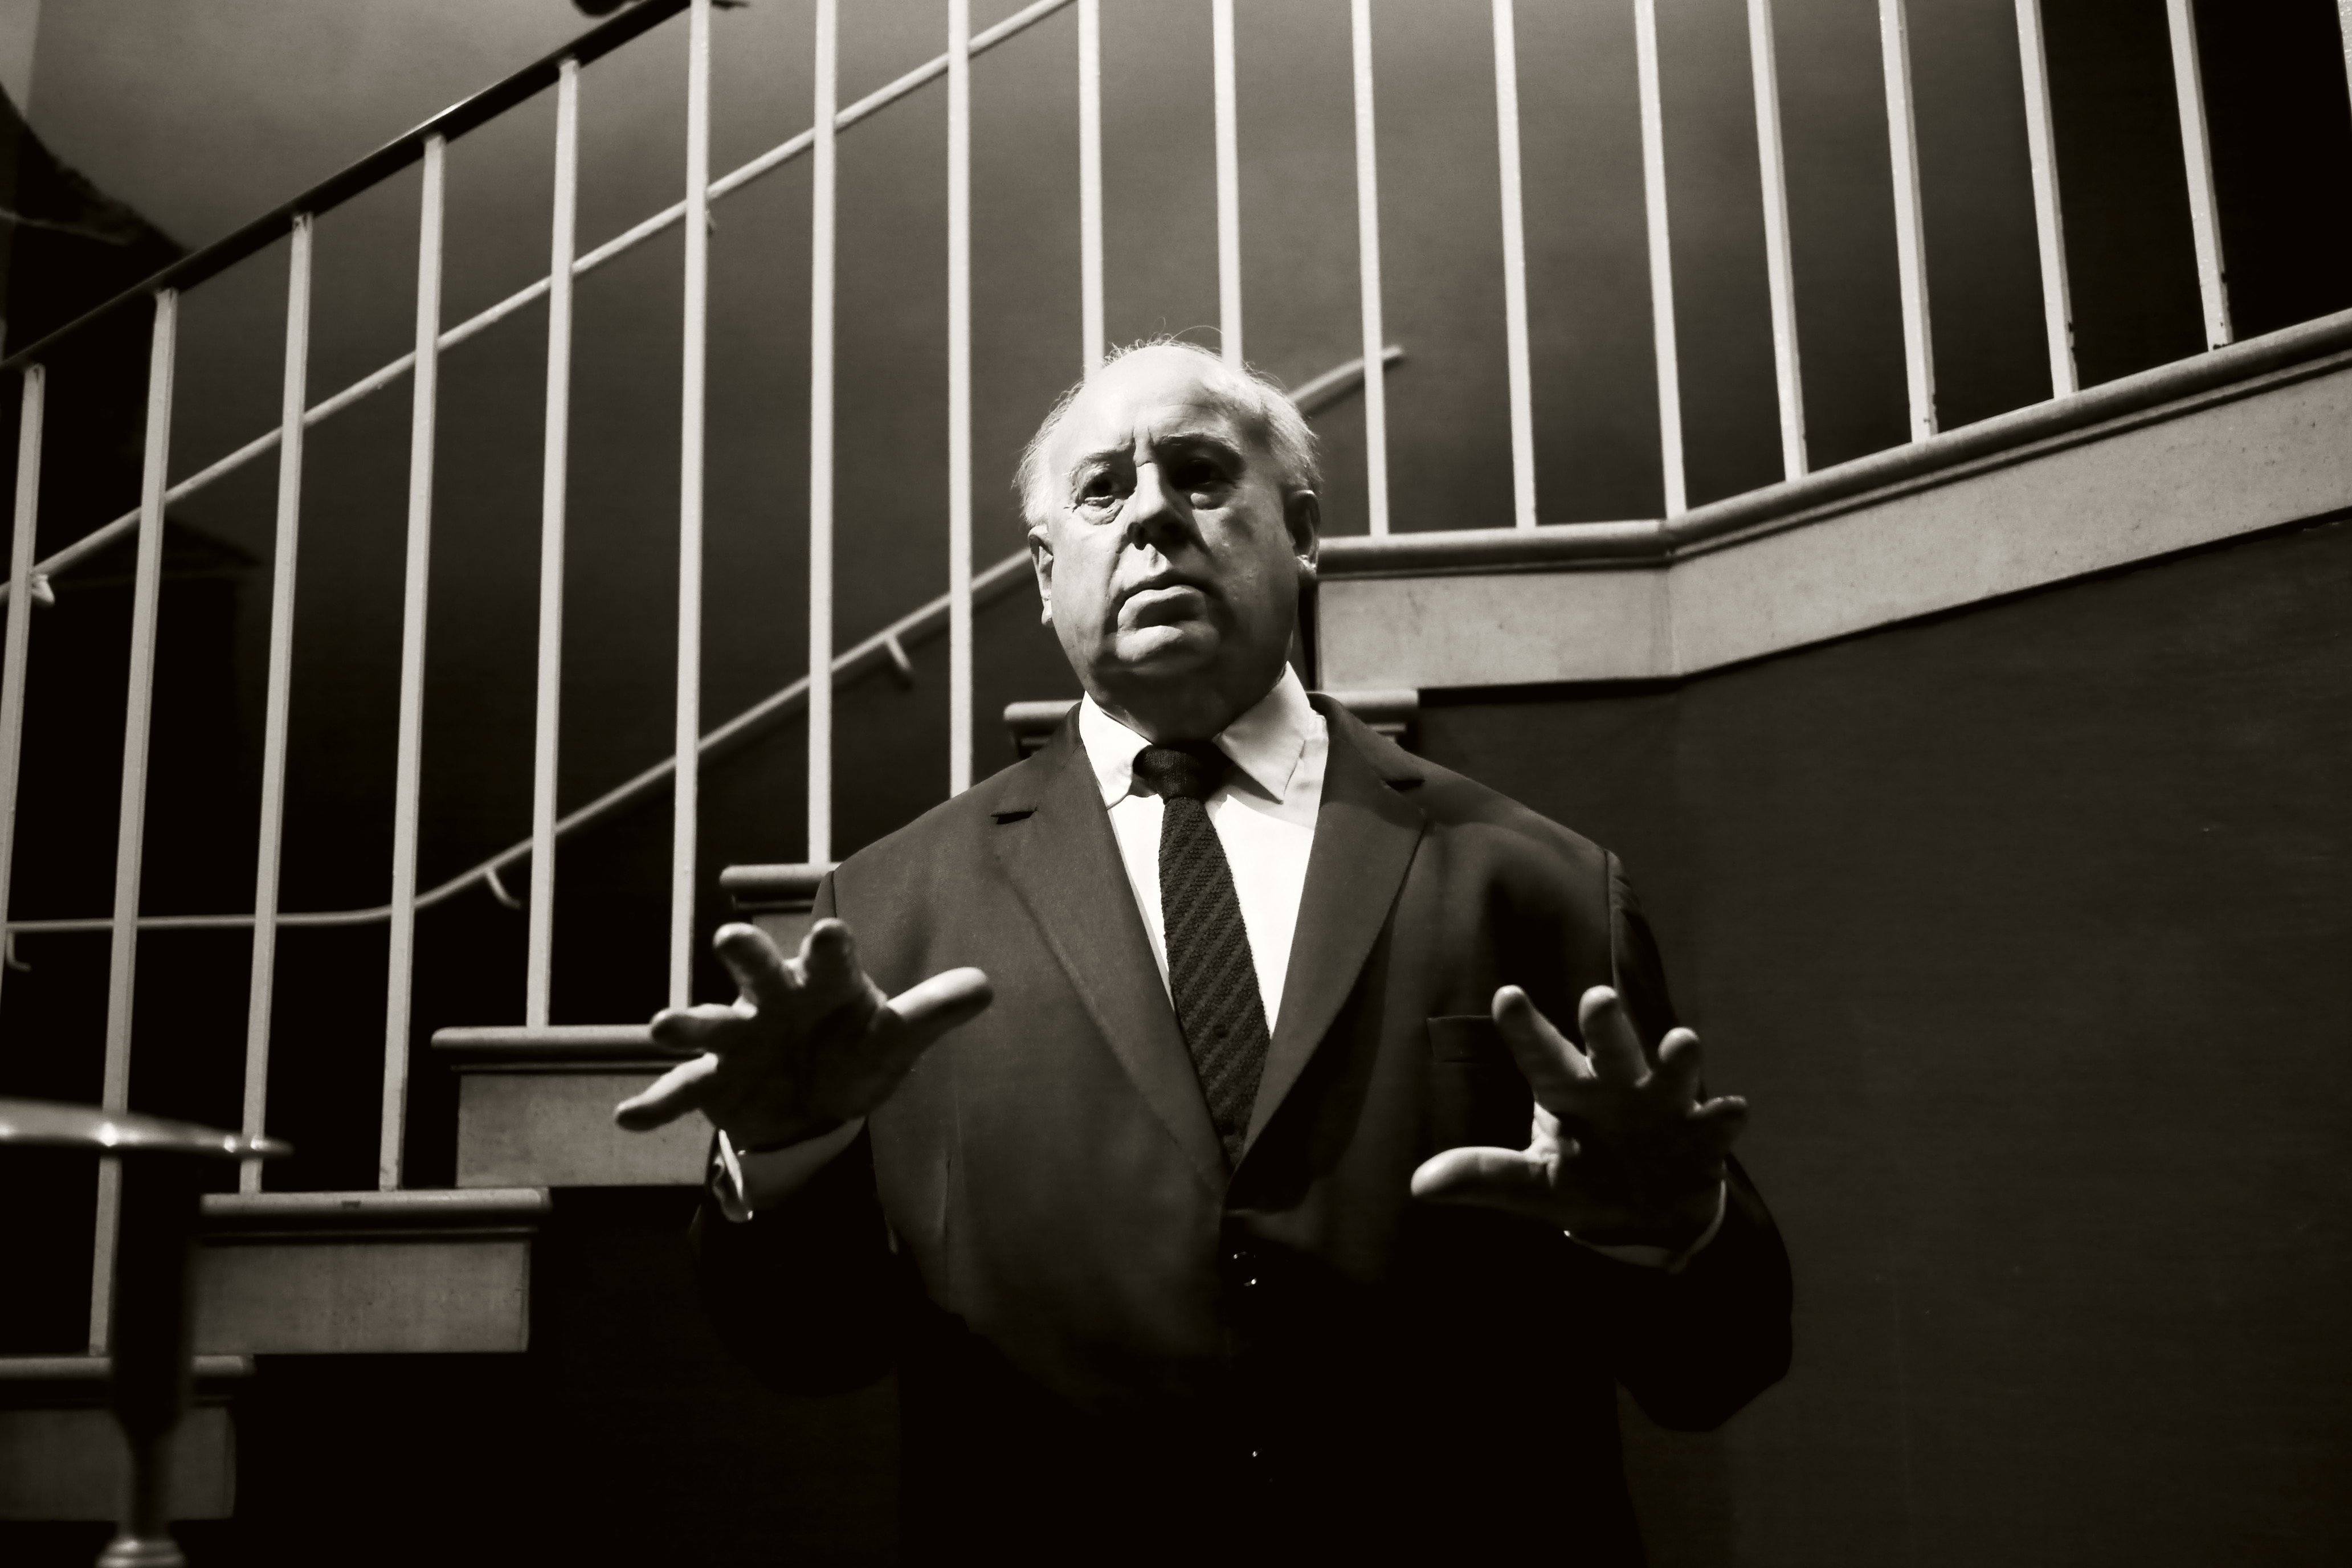 Hitchcock fue un cineasta de imágenes fuertes y poderosas.| Fuente: Wikimedia Commons